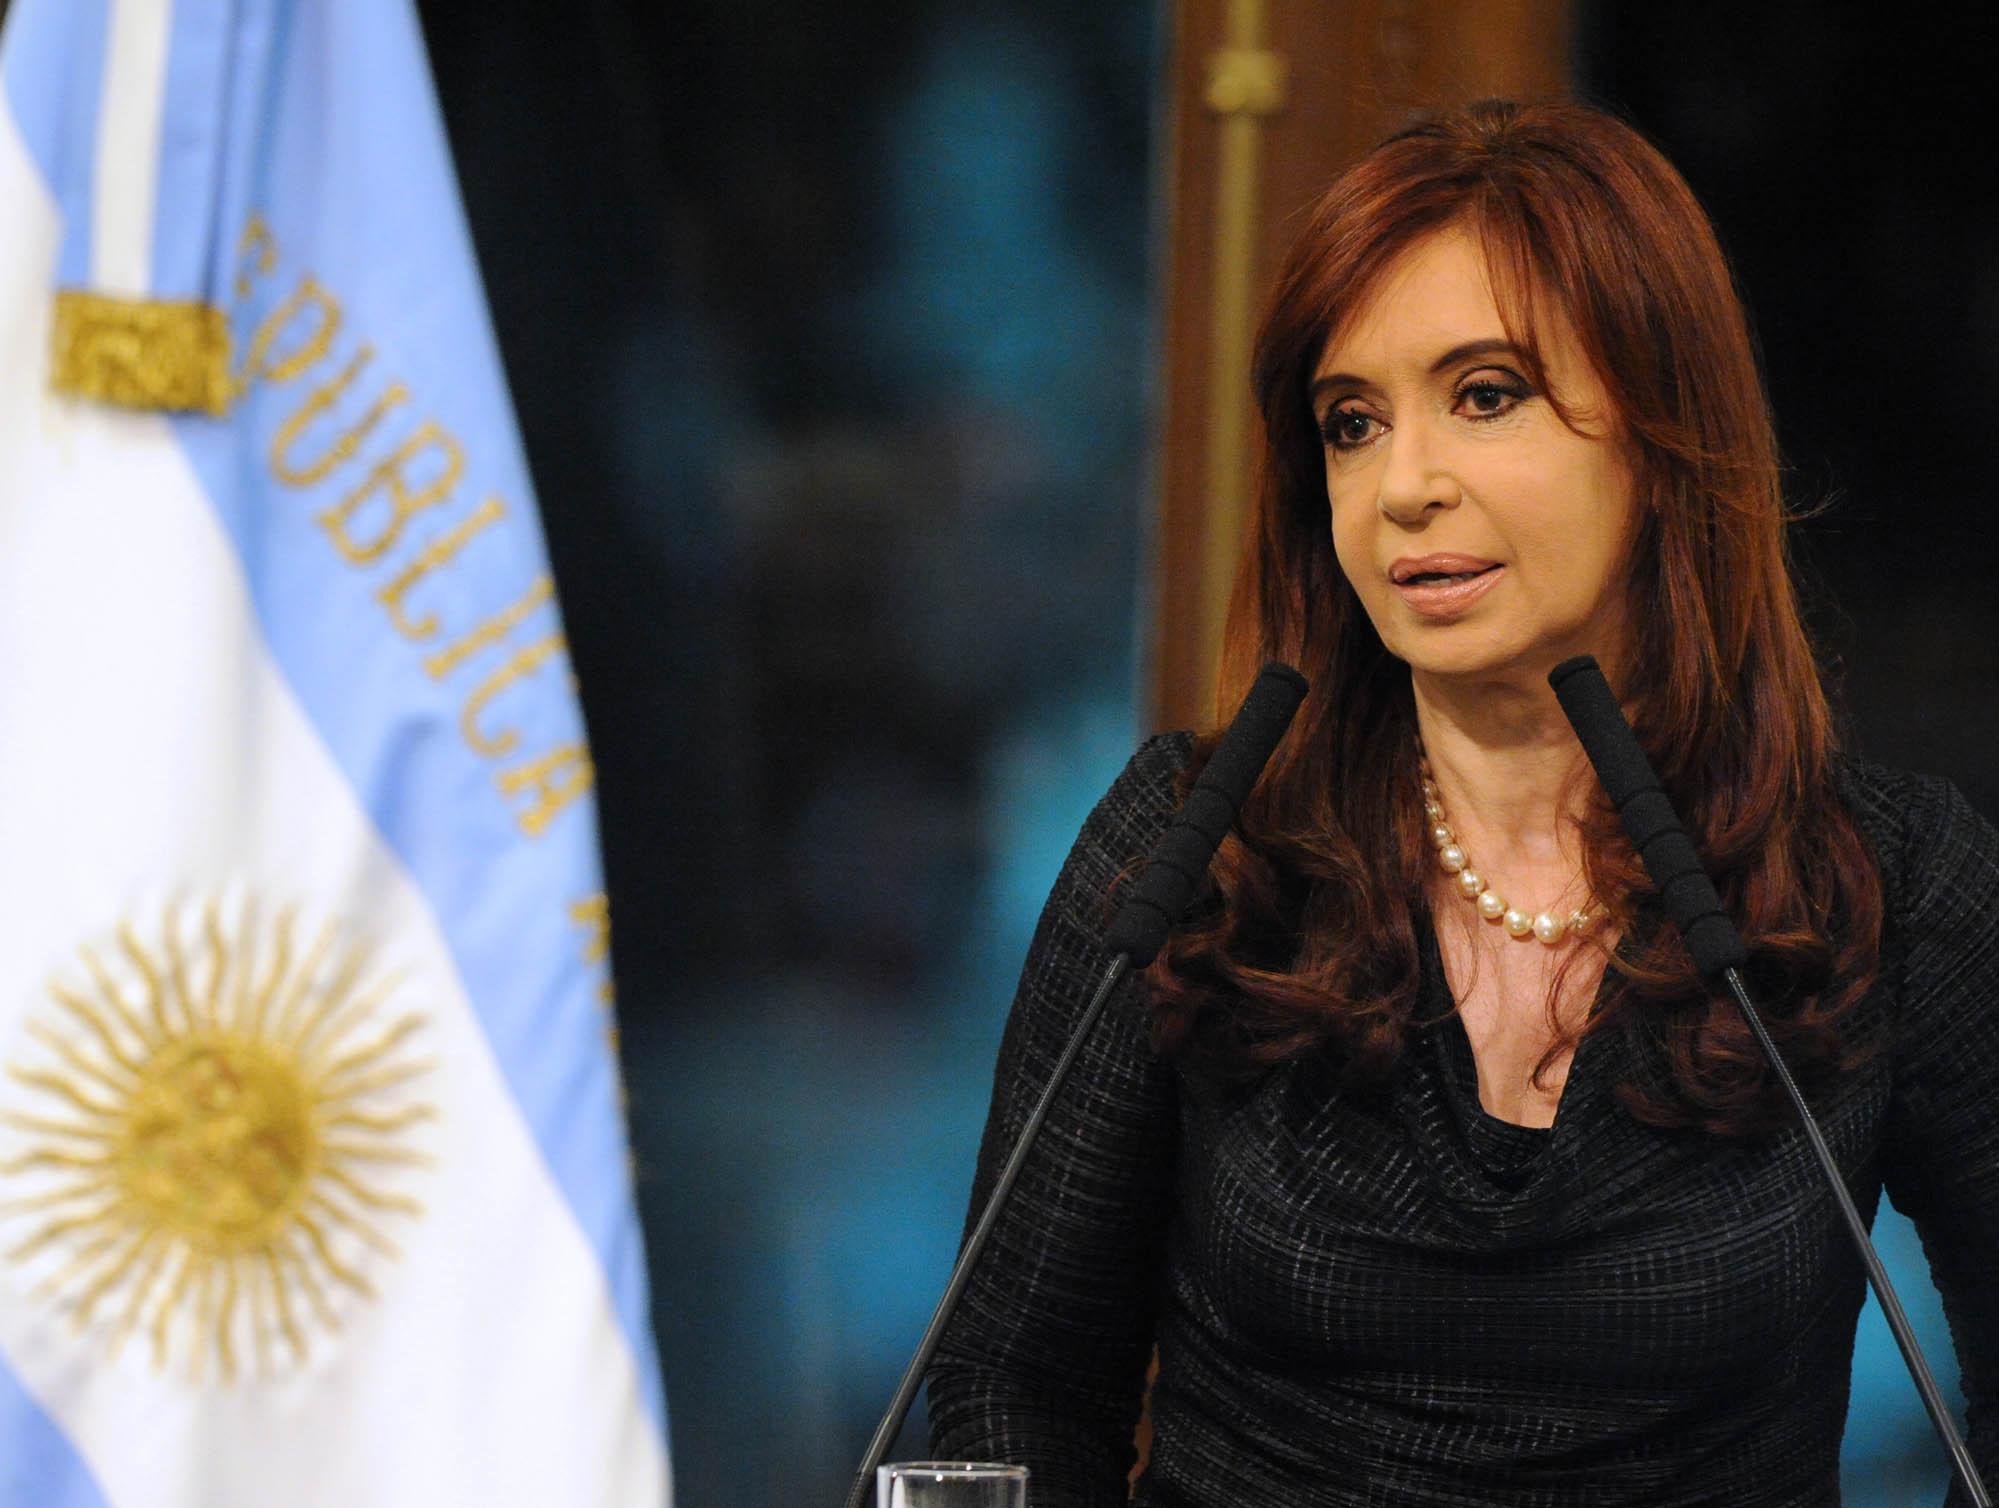 Argentina a un año de las presidenciales que marcan el fin del kirchnerismo